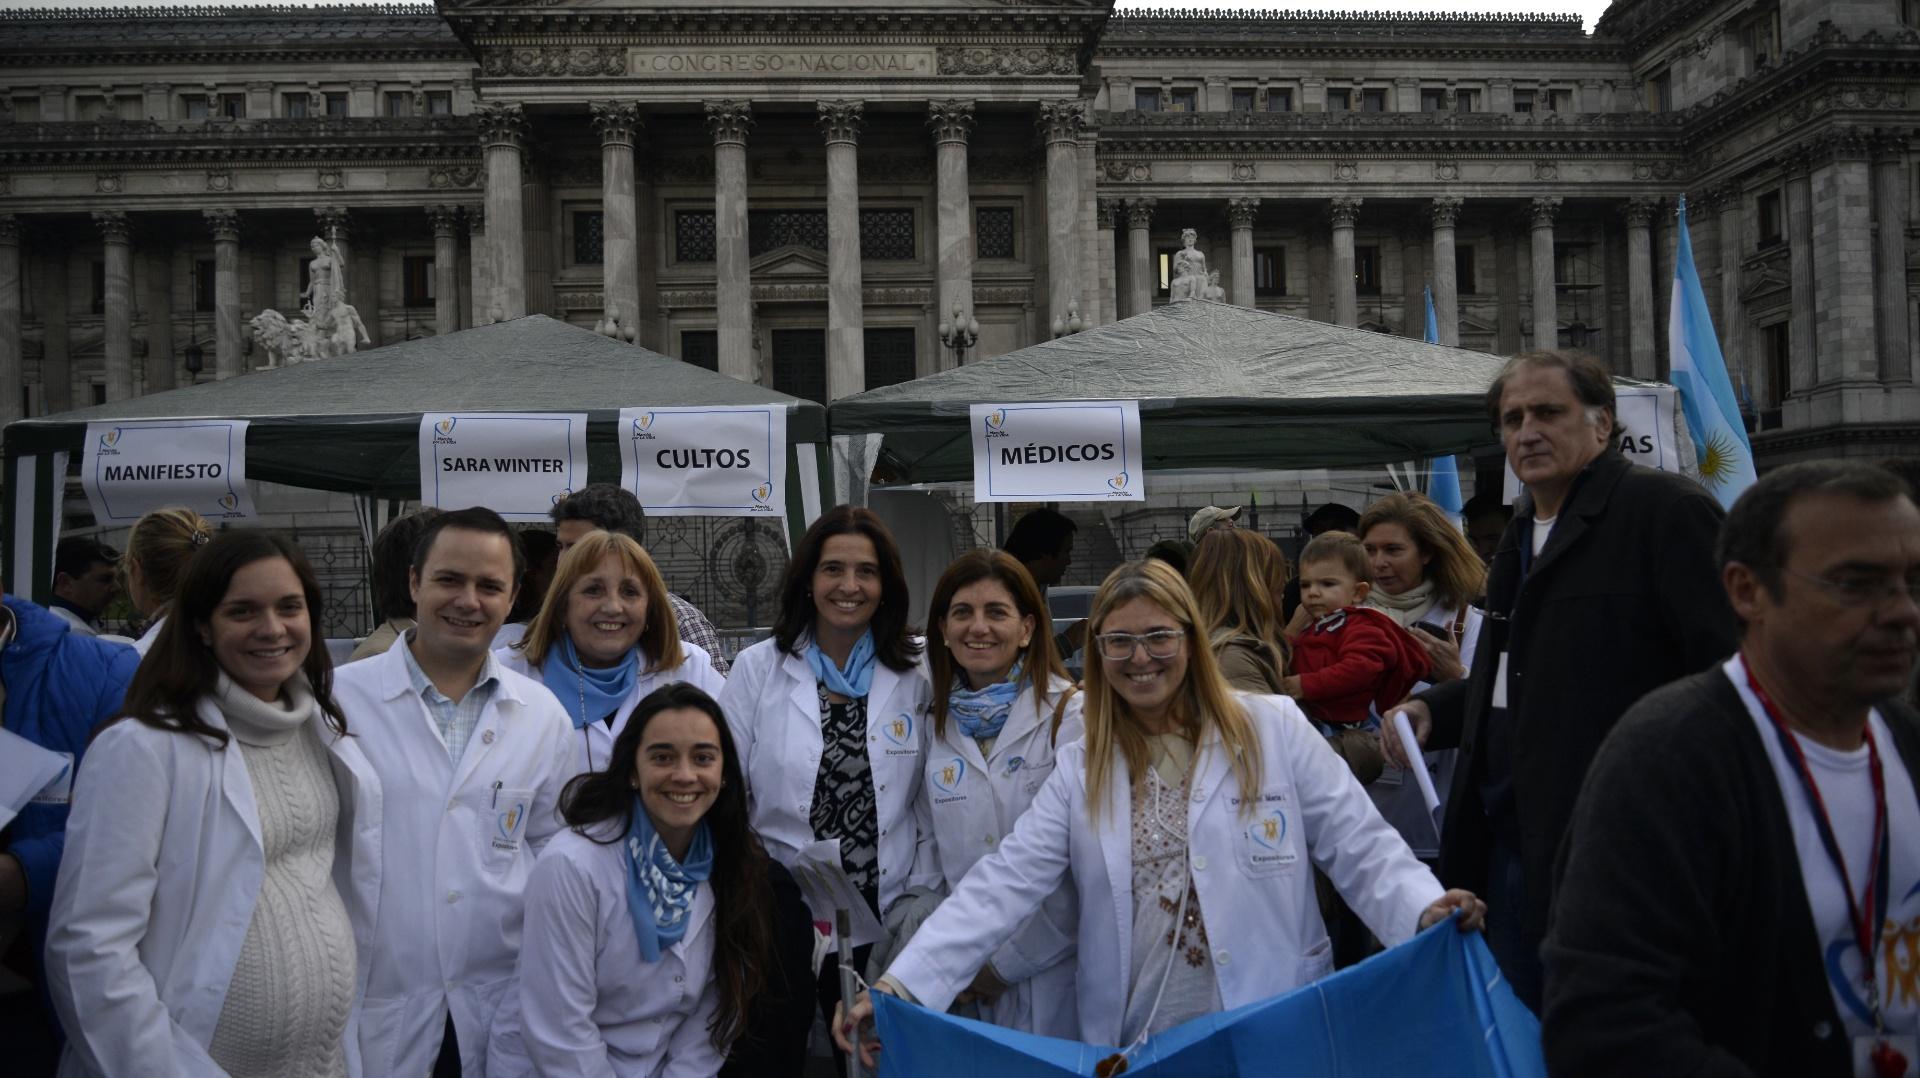 Durante la marcha además de pañuelos celestes predominaron las banderas argentinas